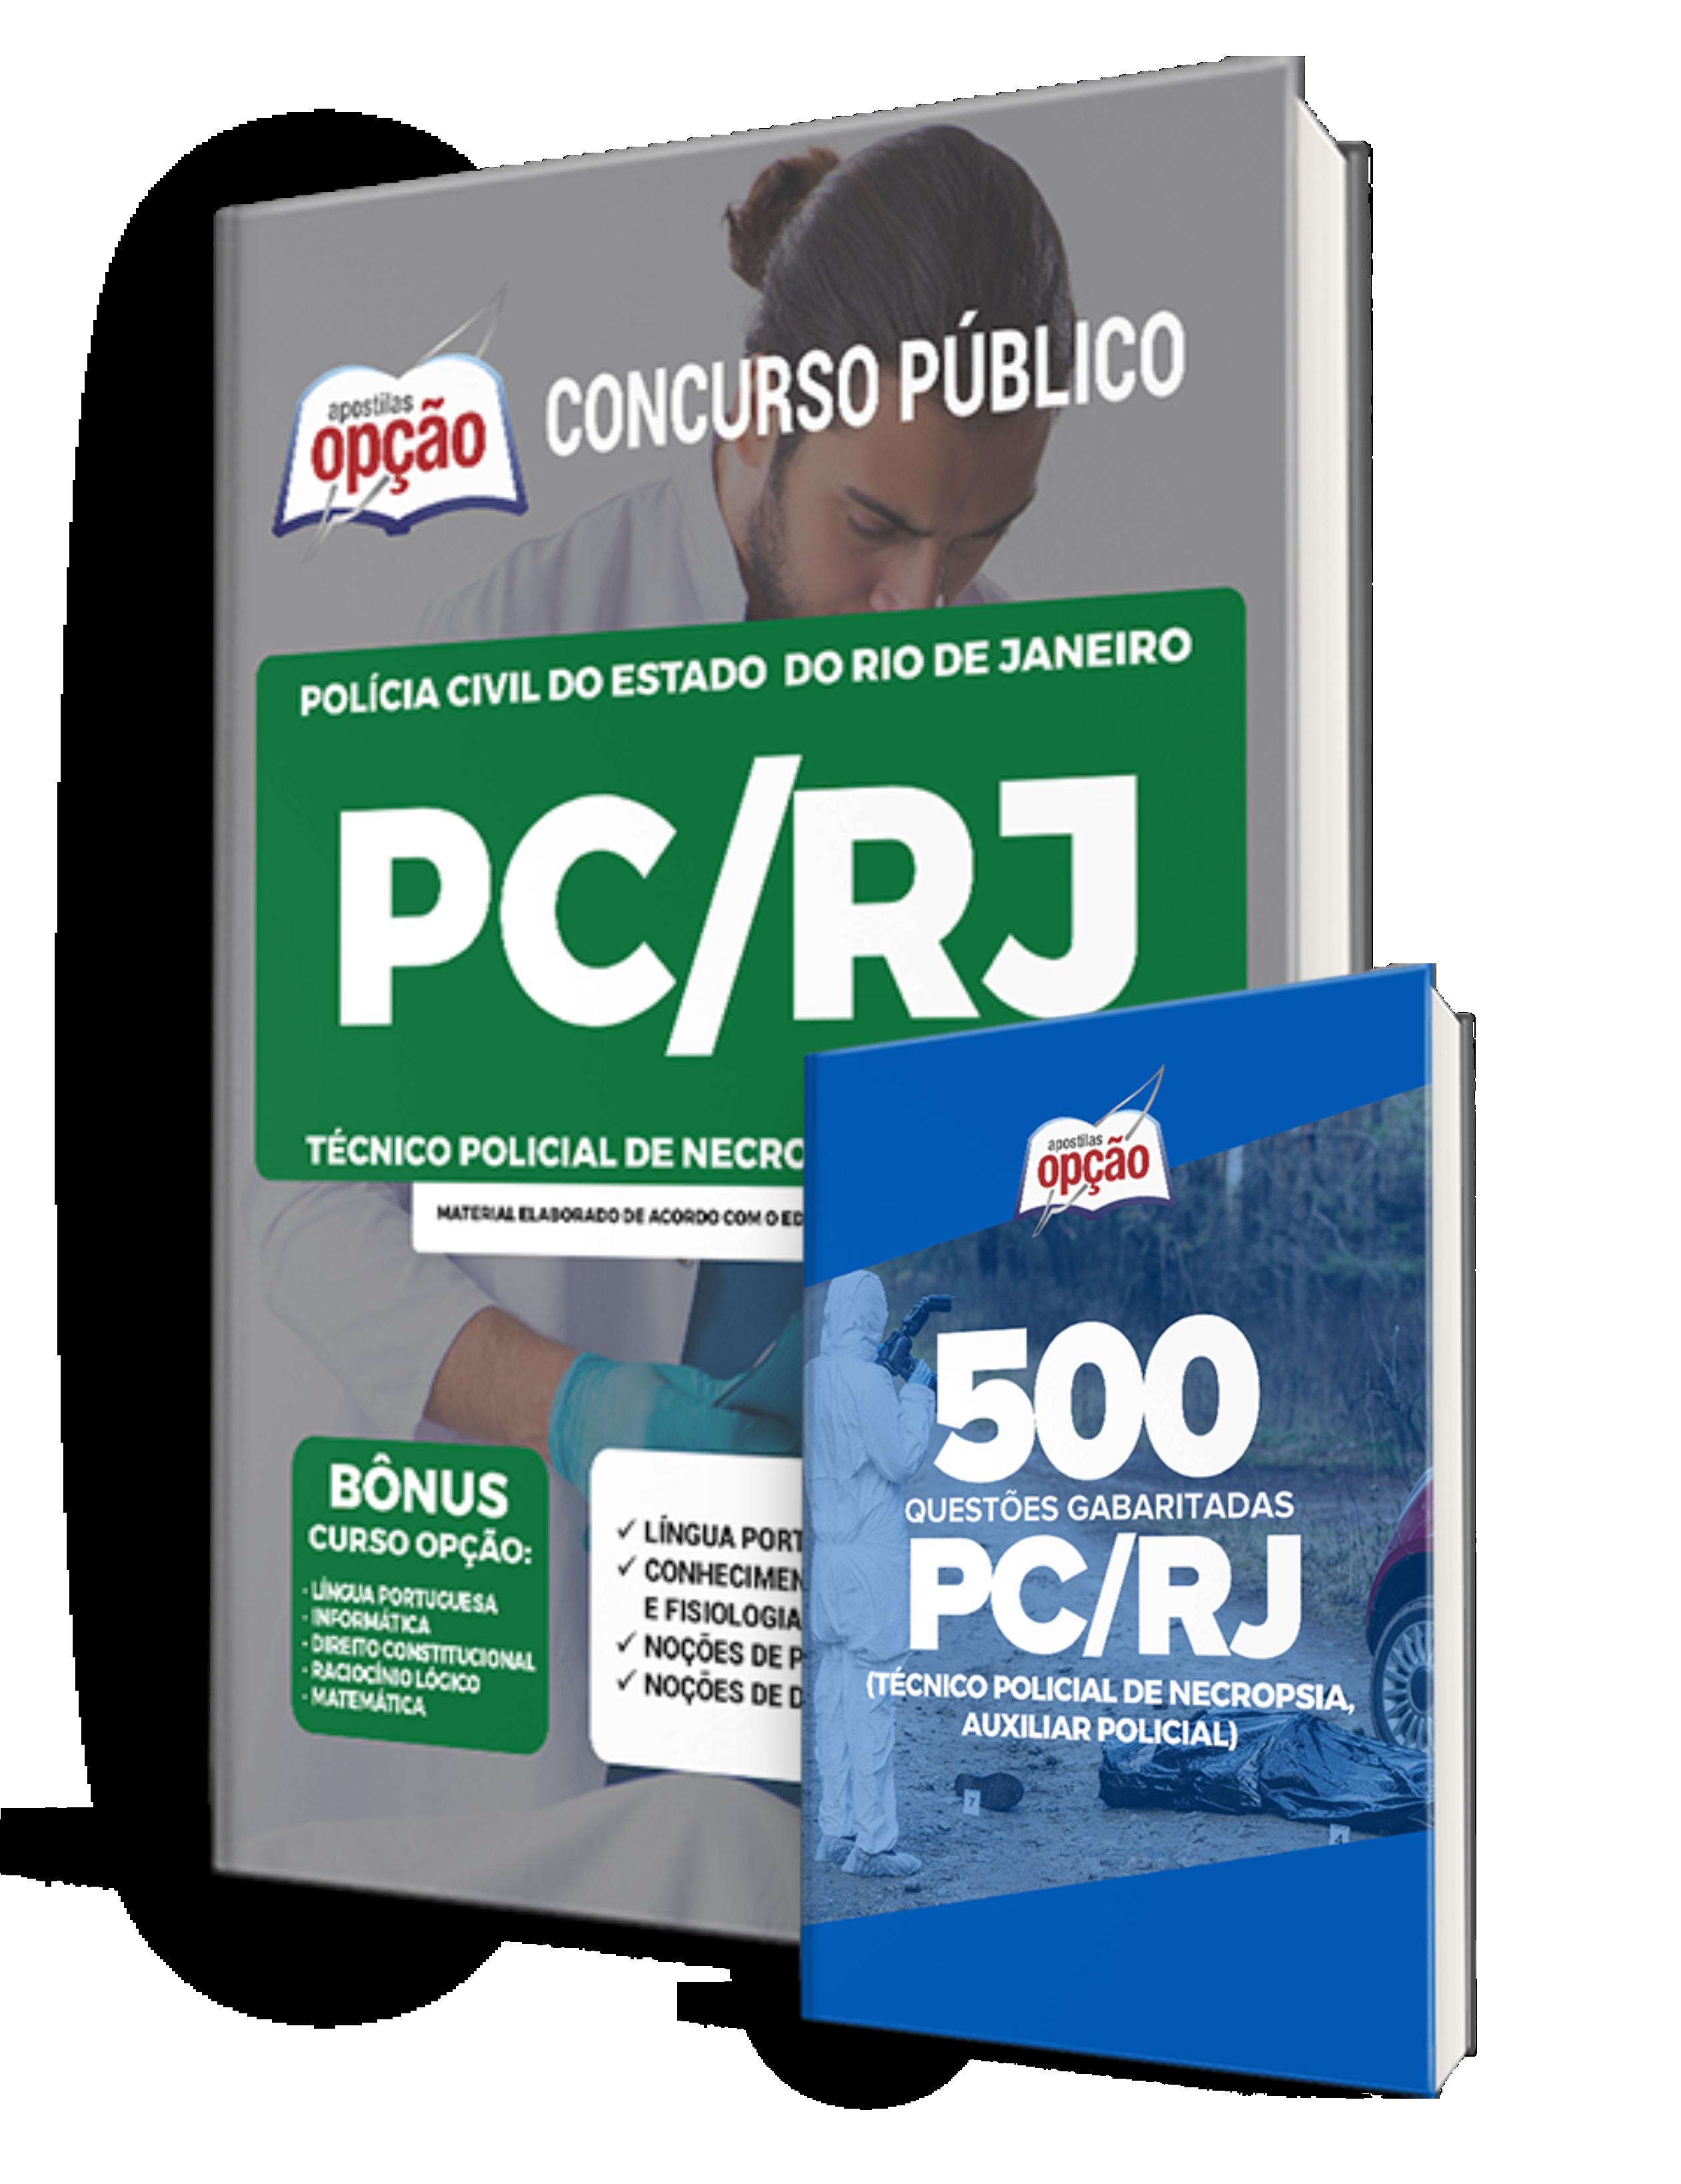 Combo PC-RJ Técnico Policial de Necropsia de 3ª Classe